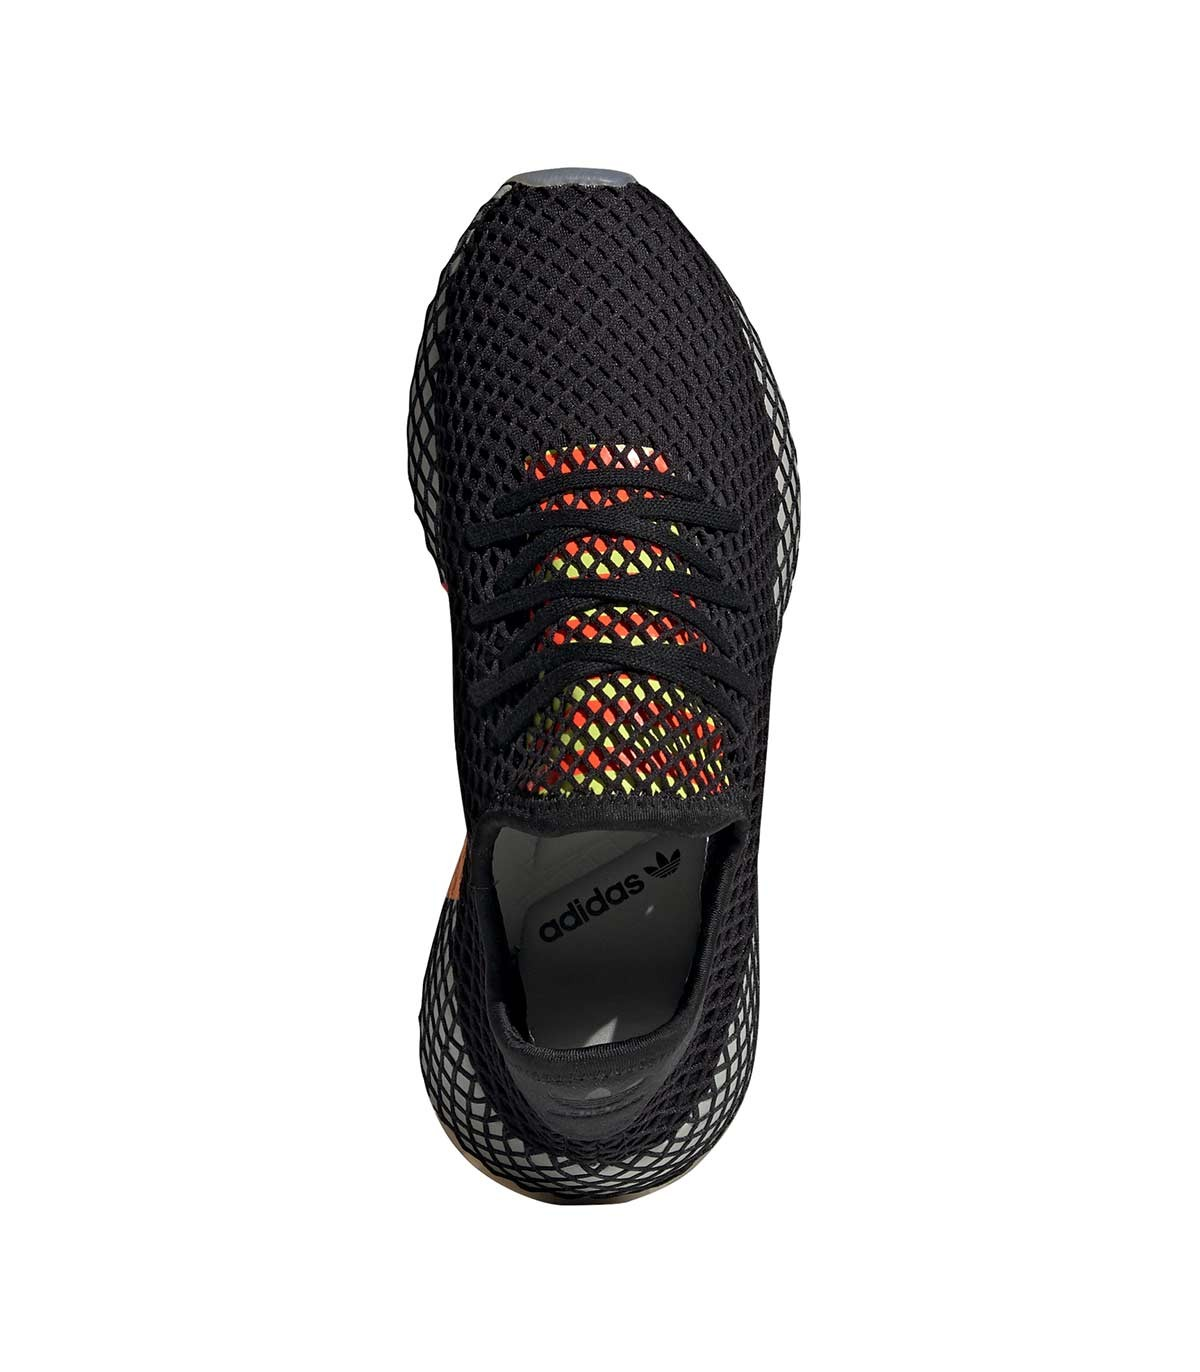 zapatillas adidas deerupt niño